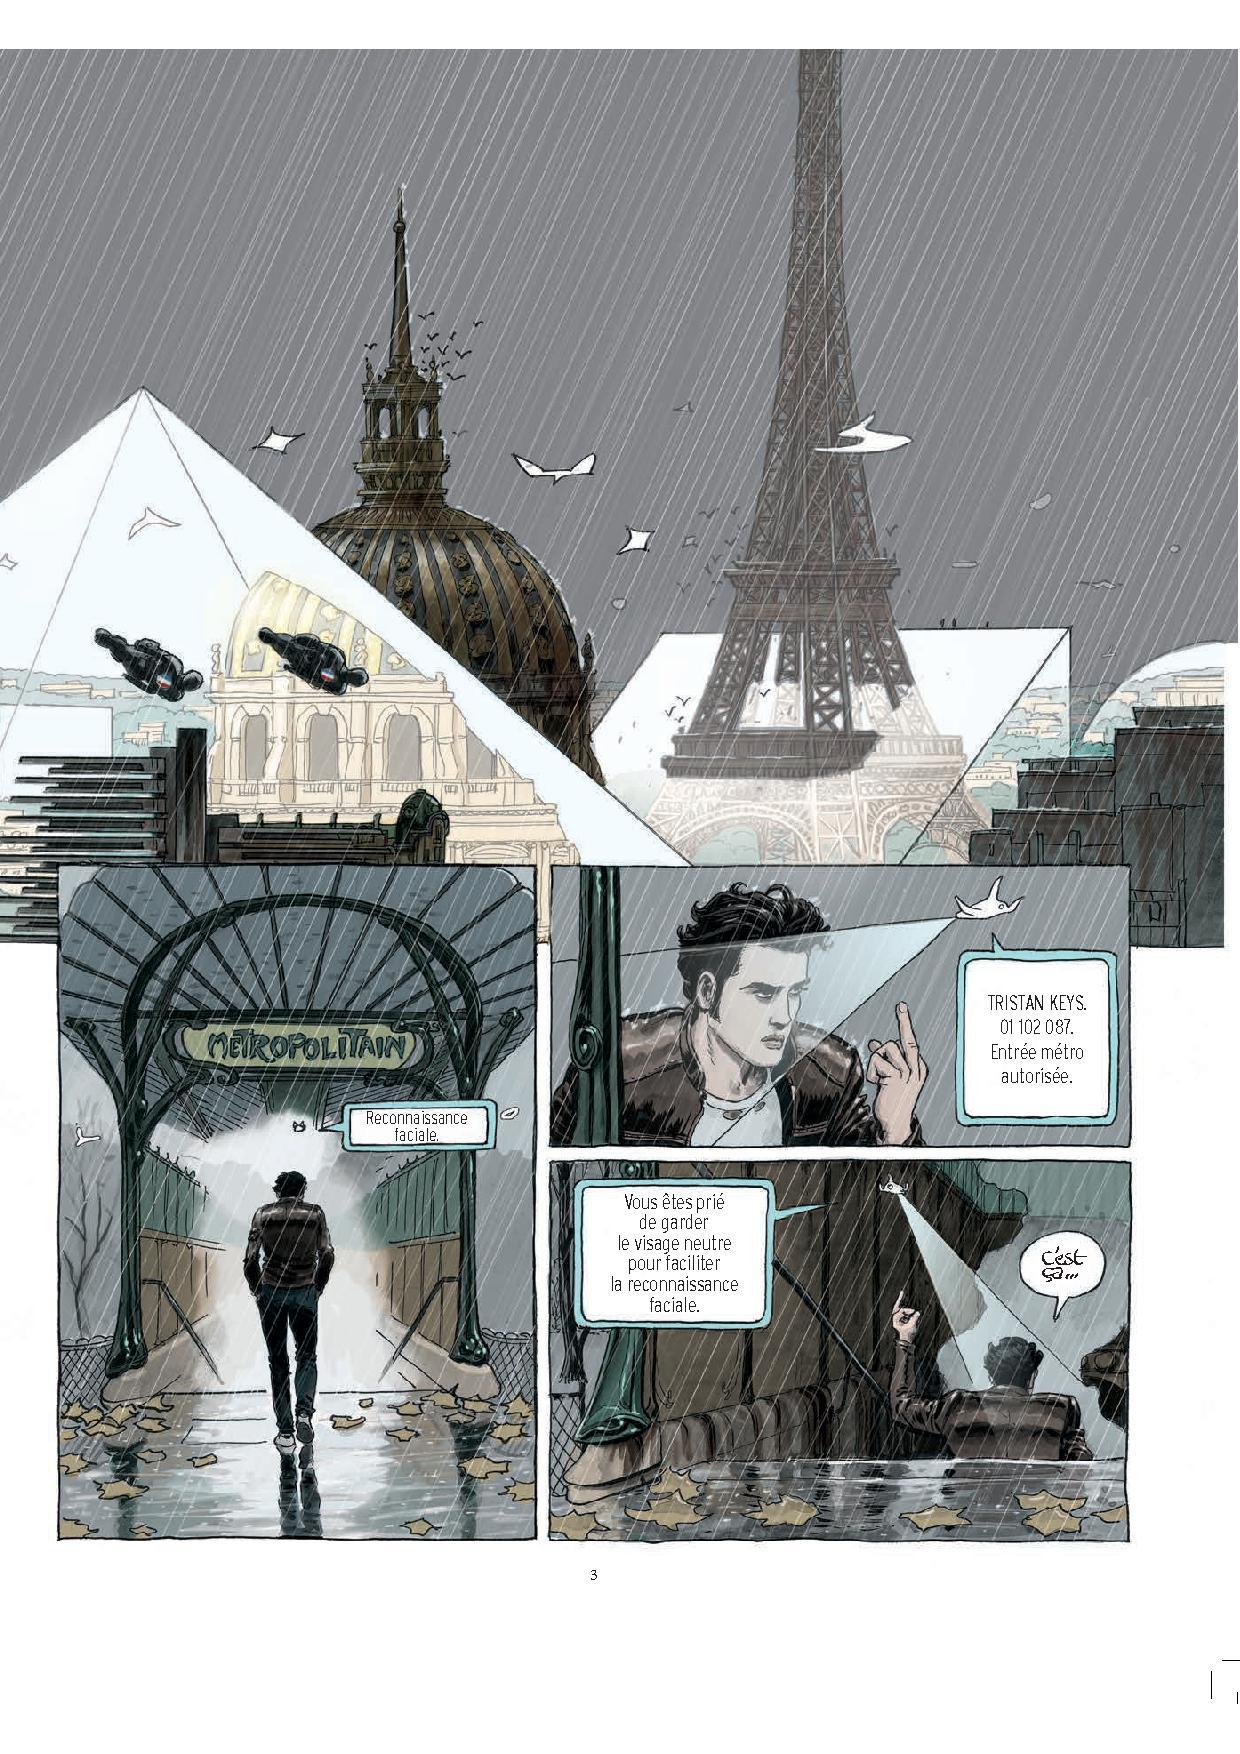 PARIS-2119-1